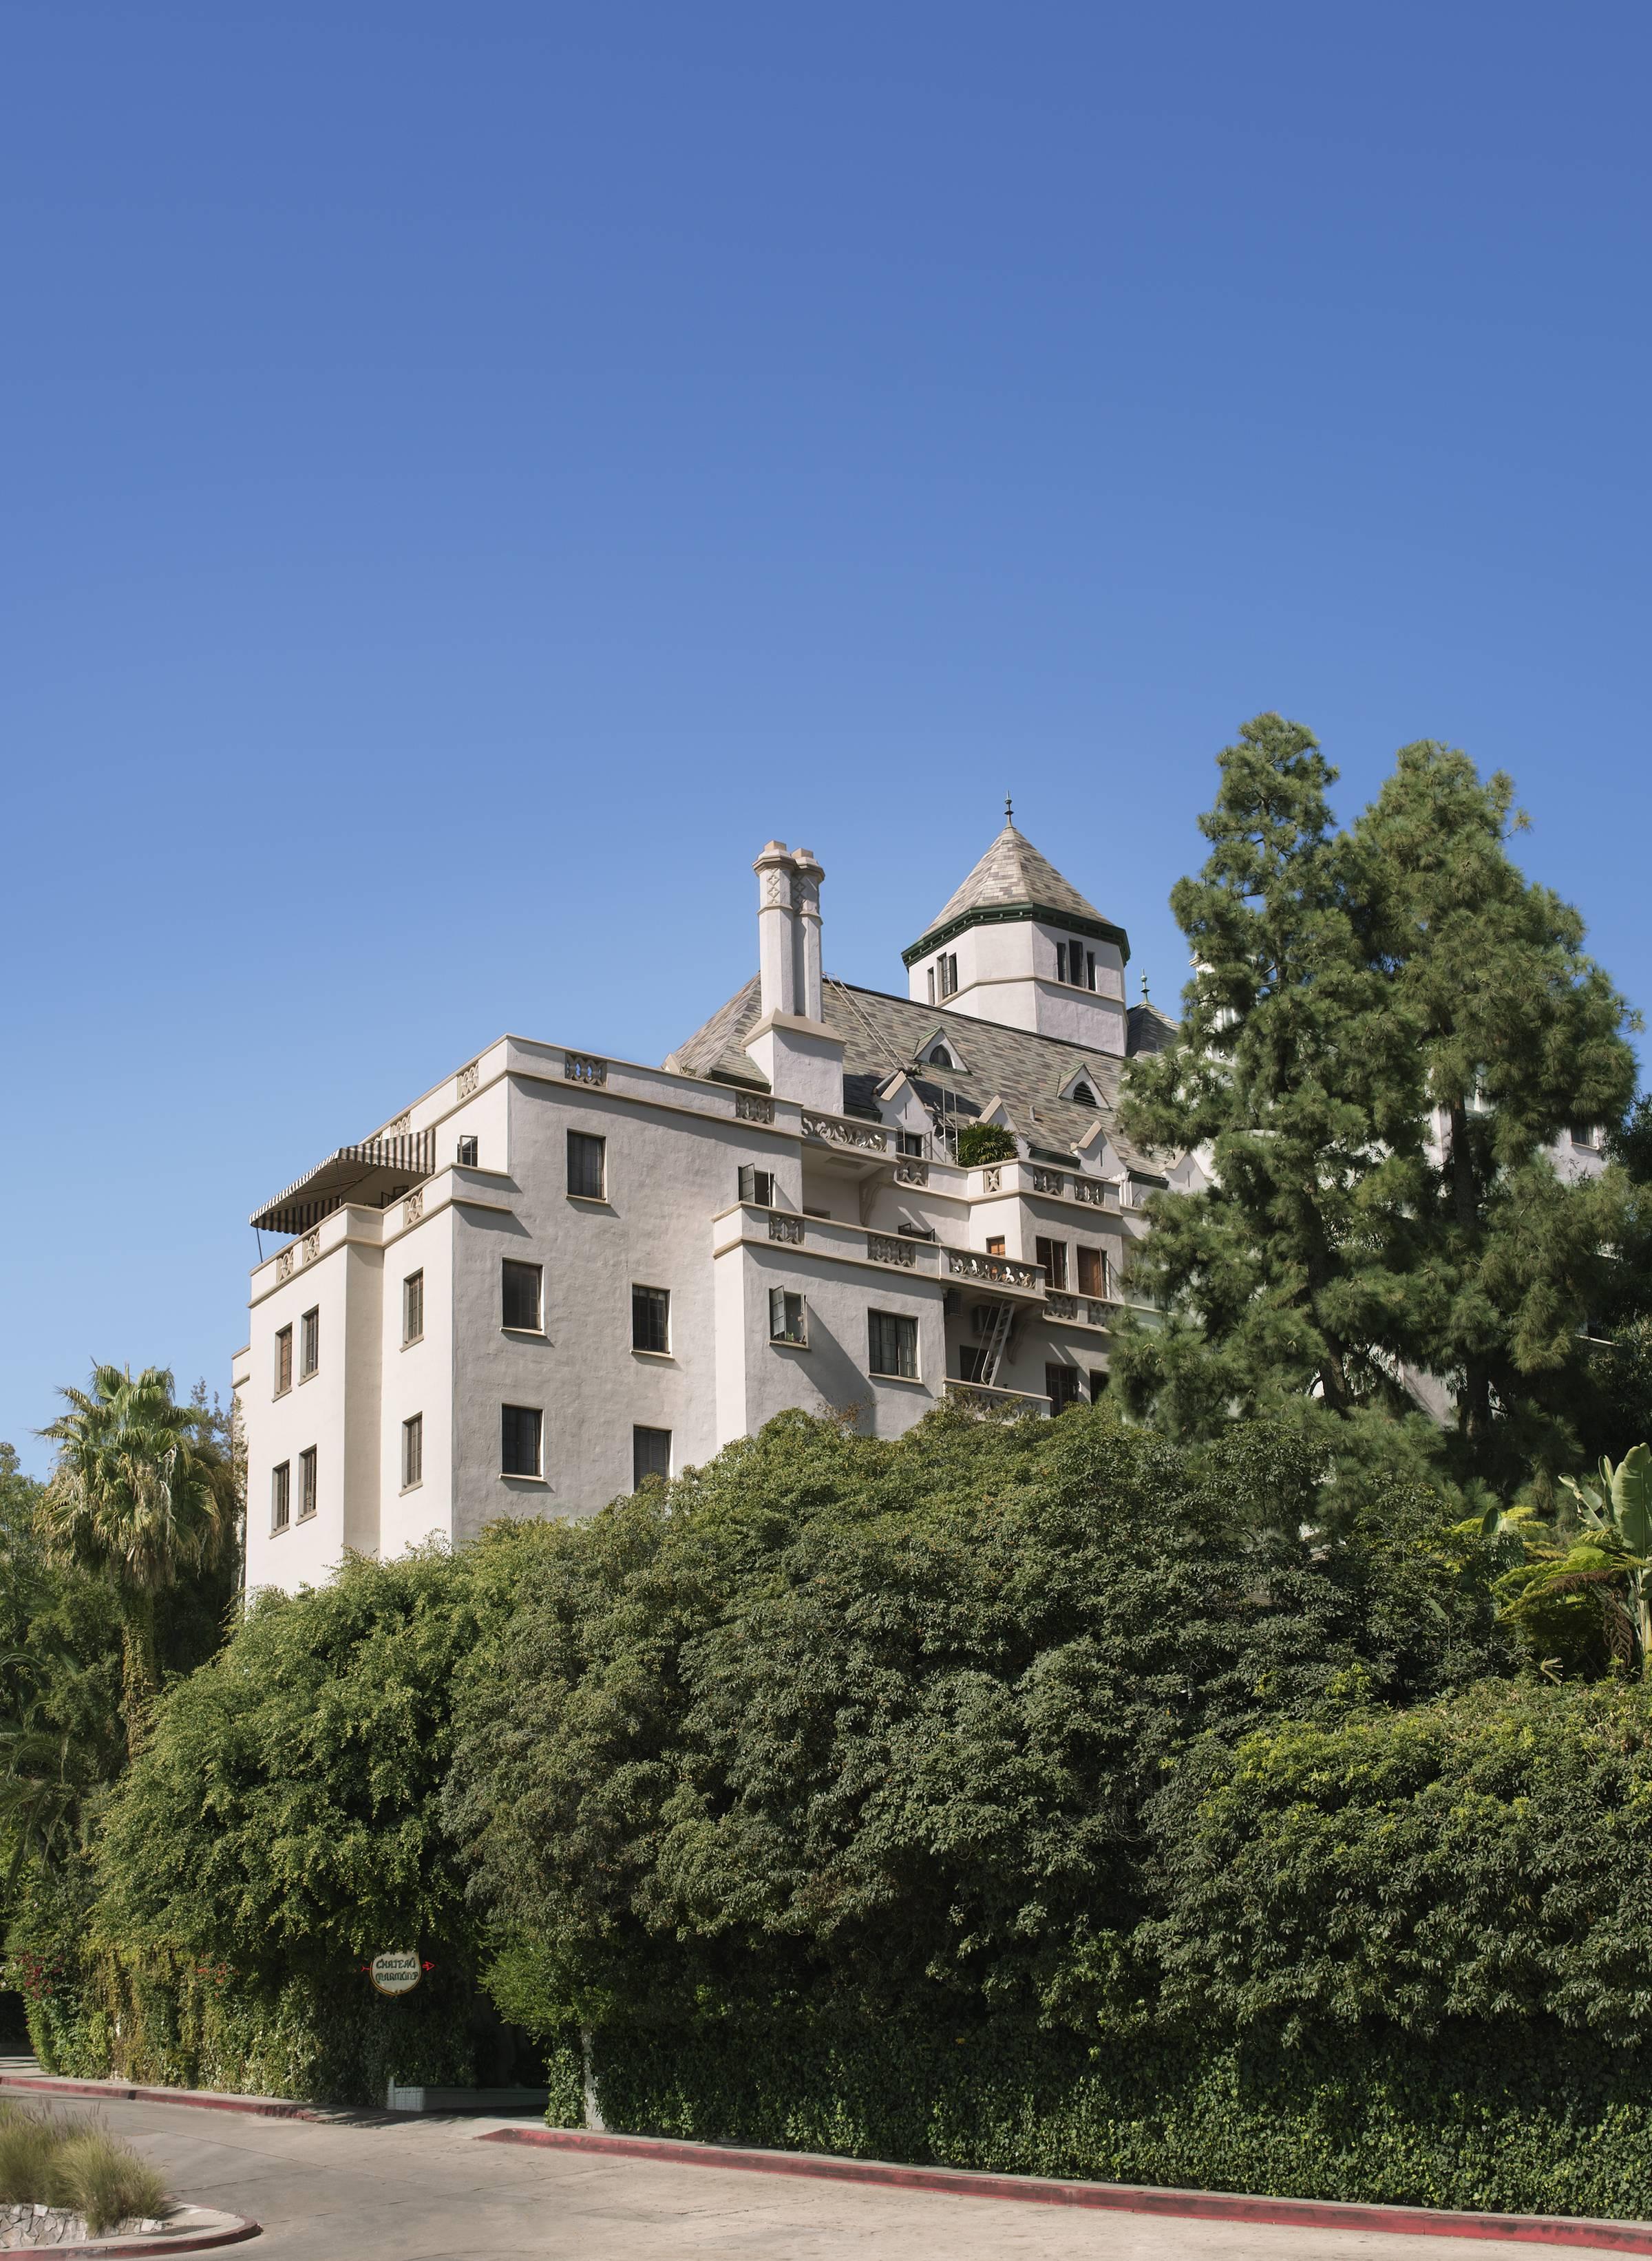 Chateau credit Nikolas Koenig